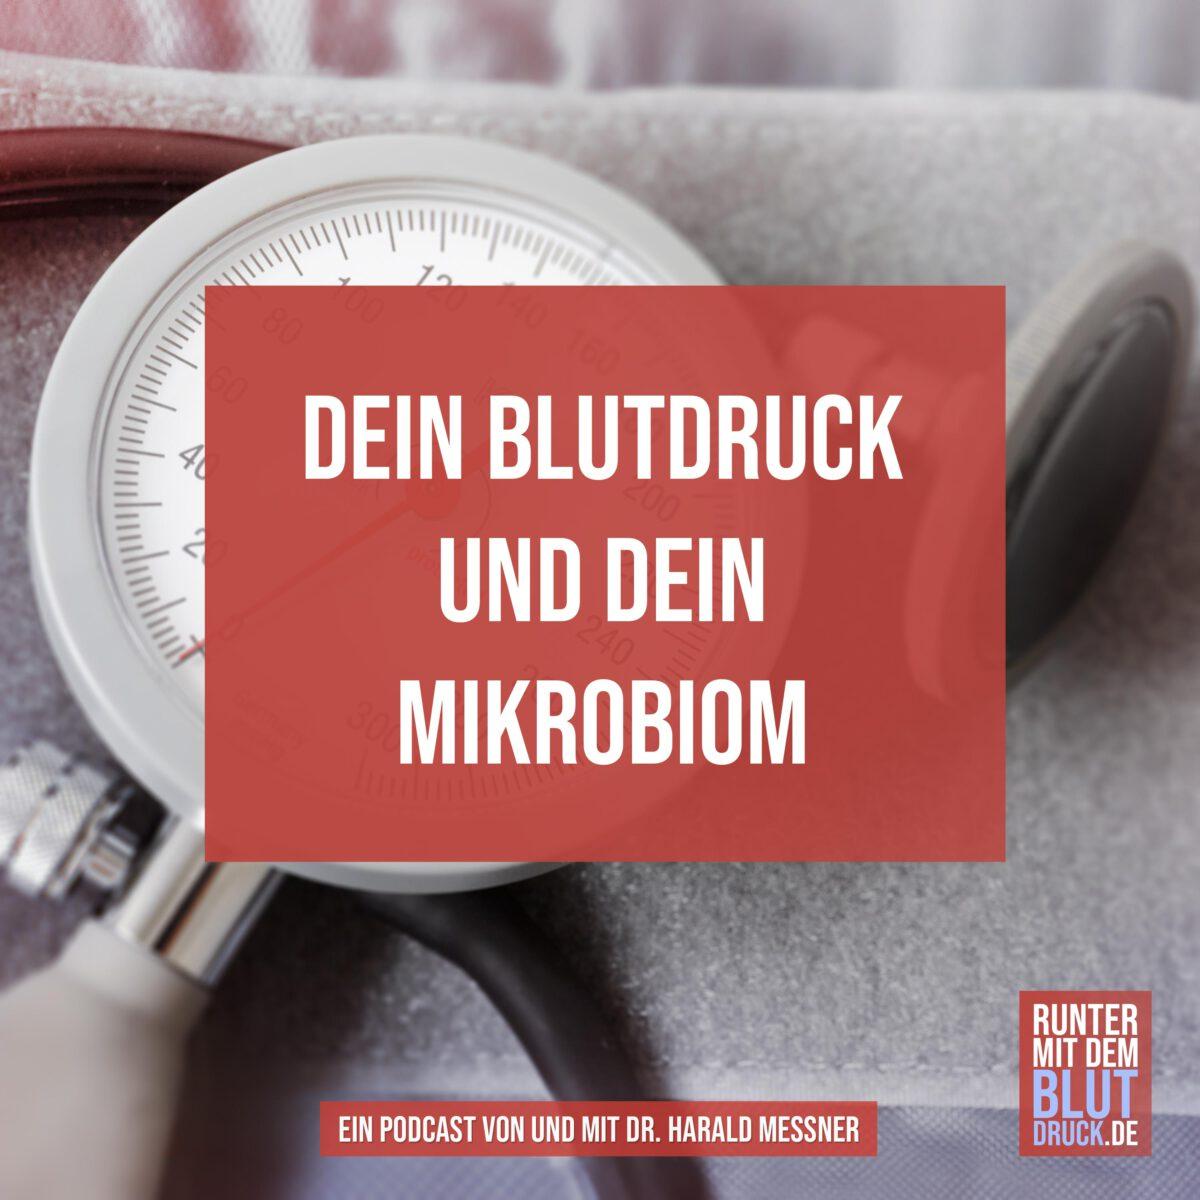 Dein Blutdruck und dein Mikrobiom